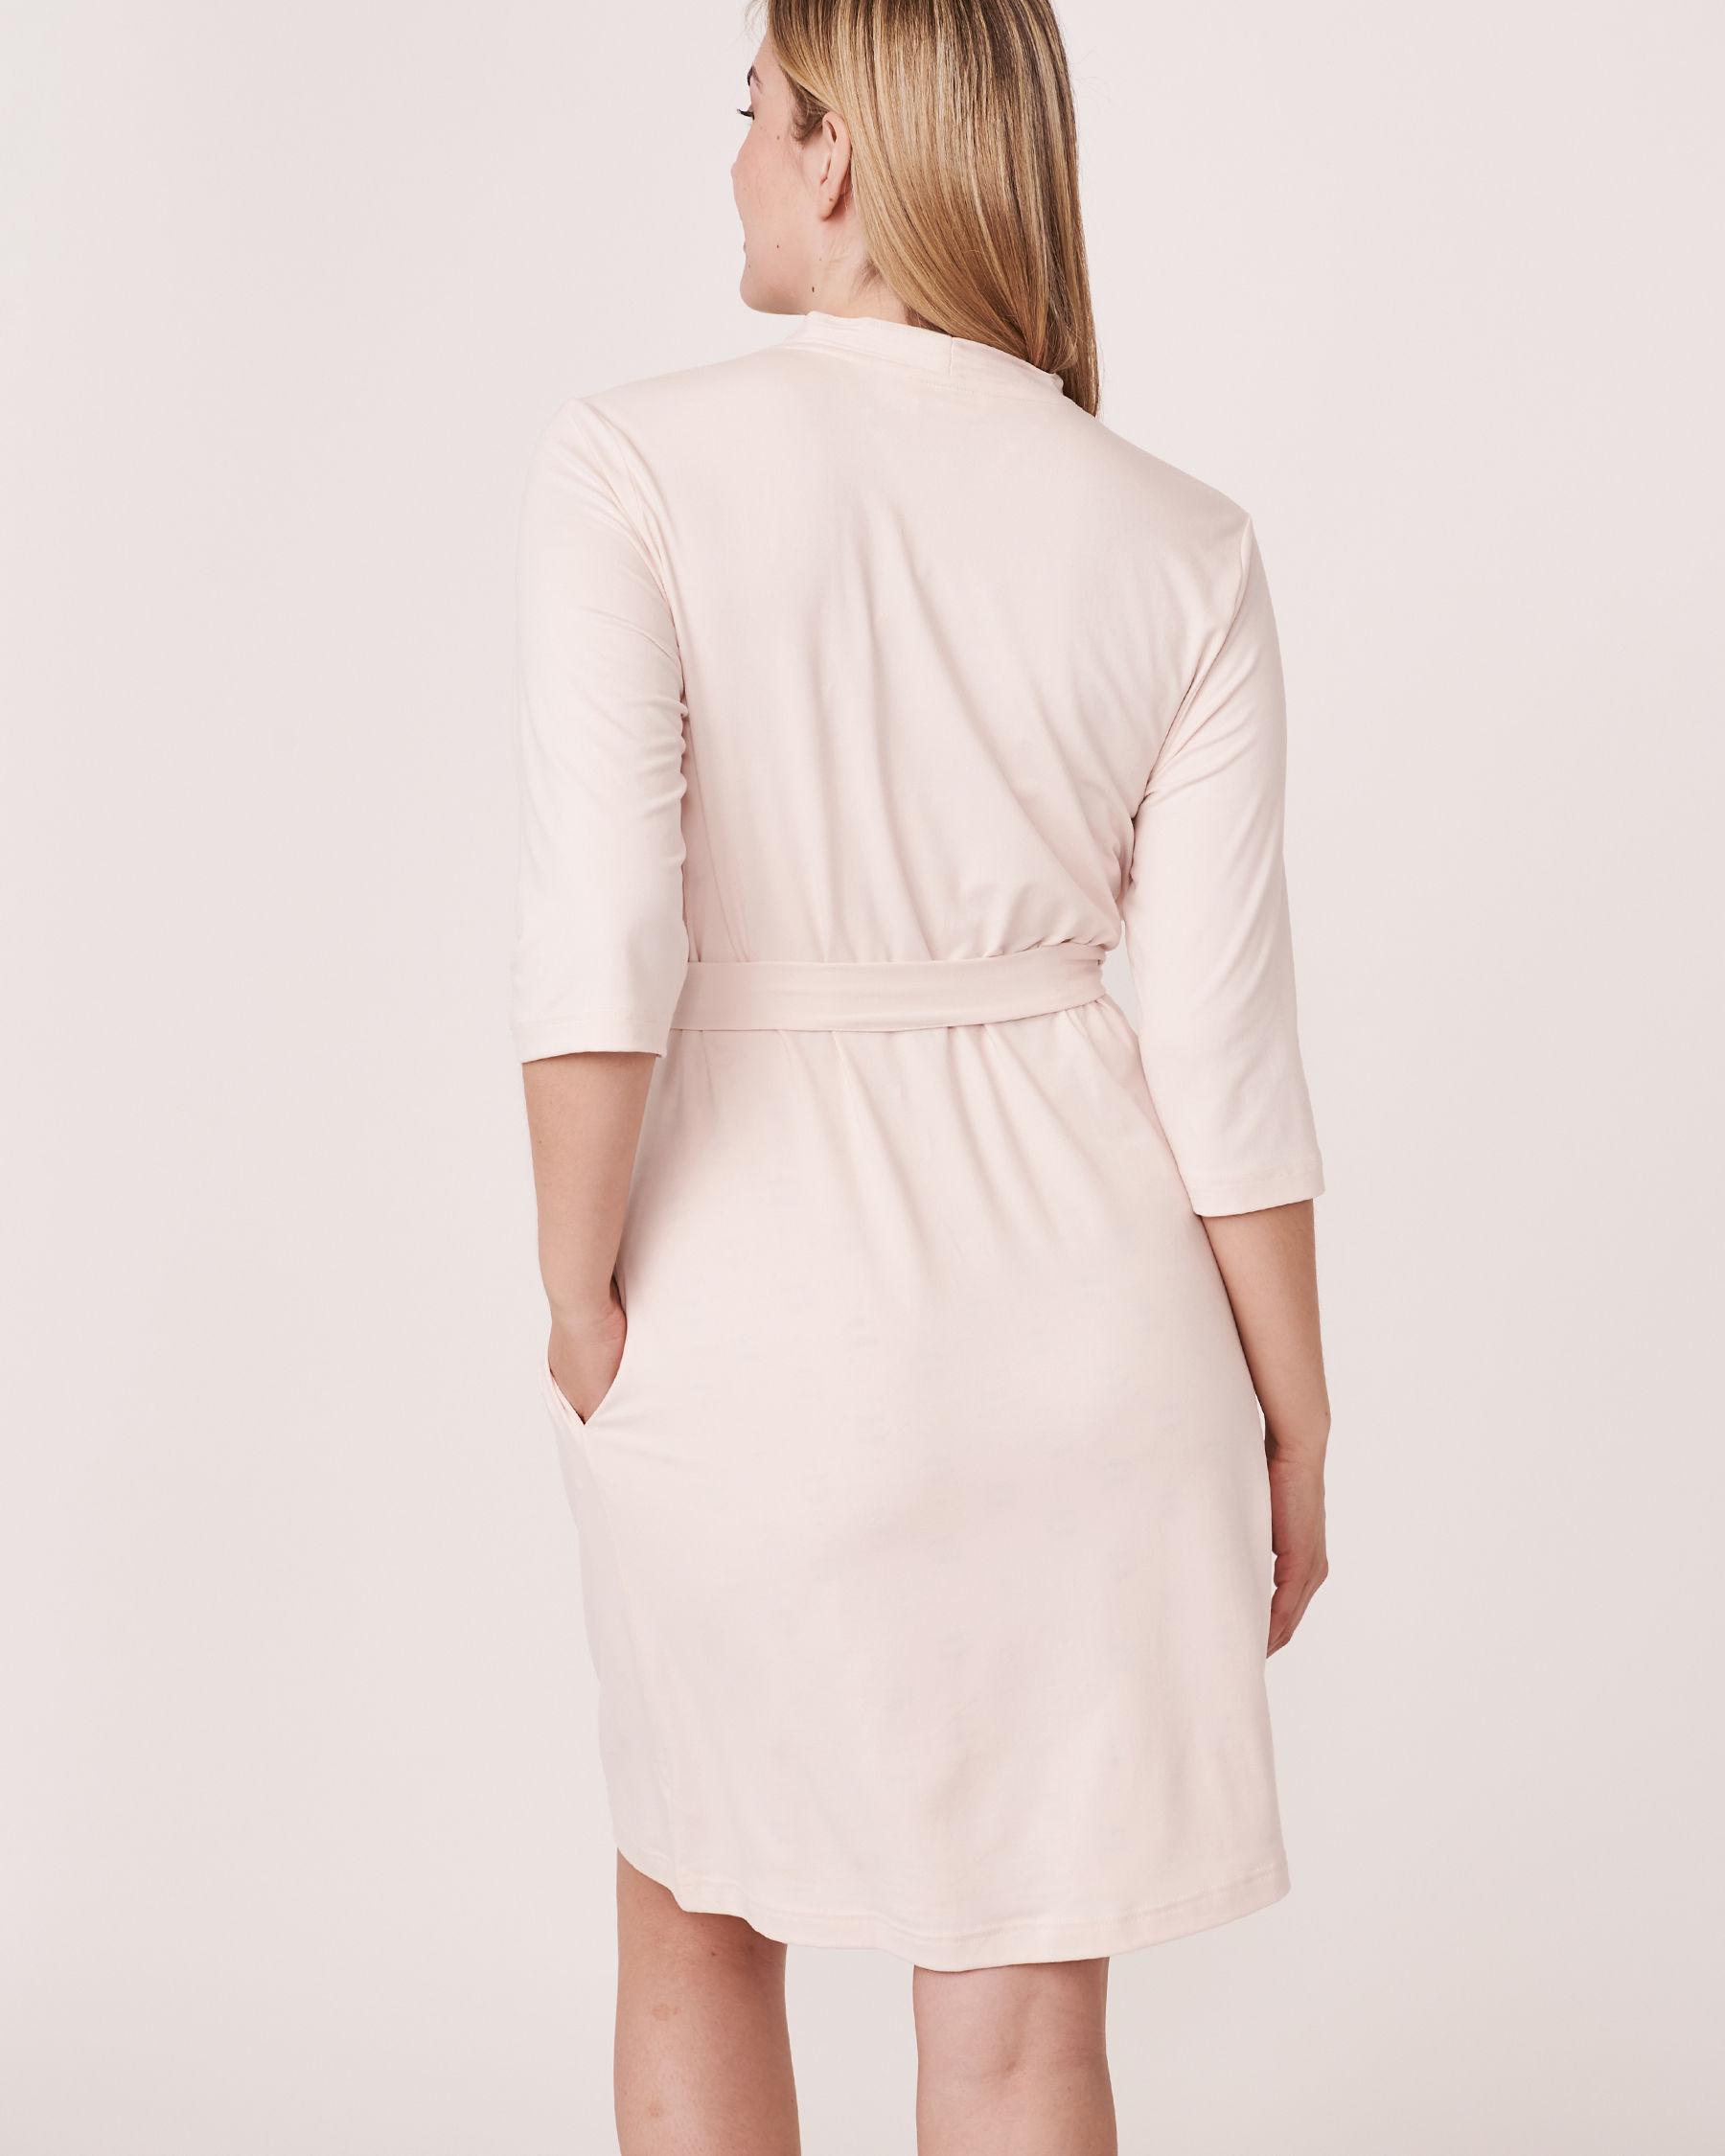 LA VIE EN ROSE Kimono with pockets Soft lilac 40600008 - View3